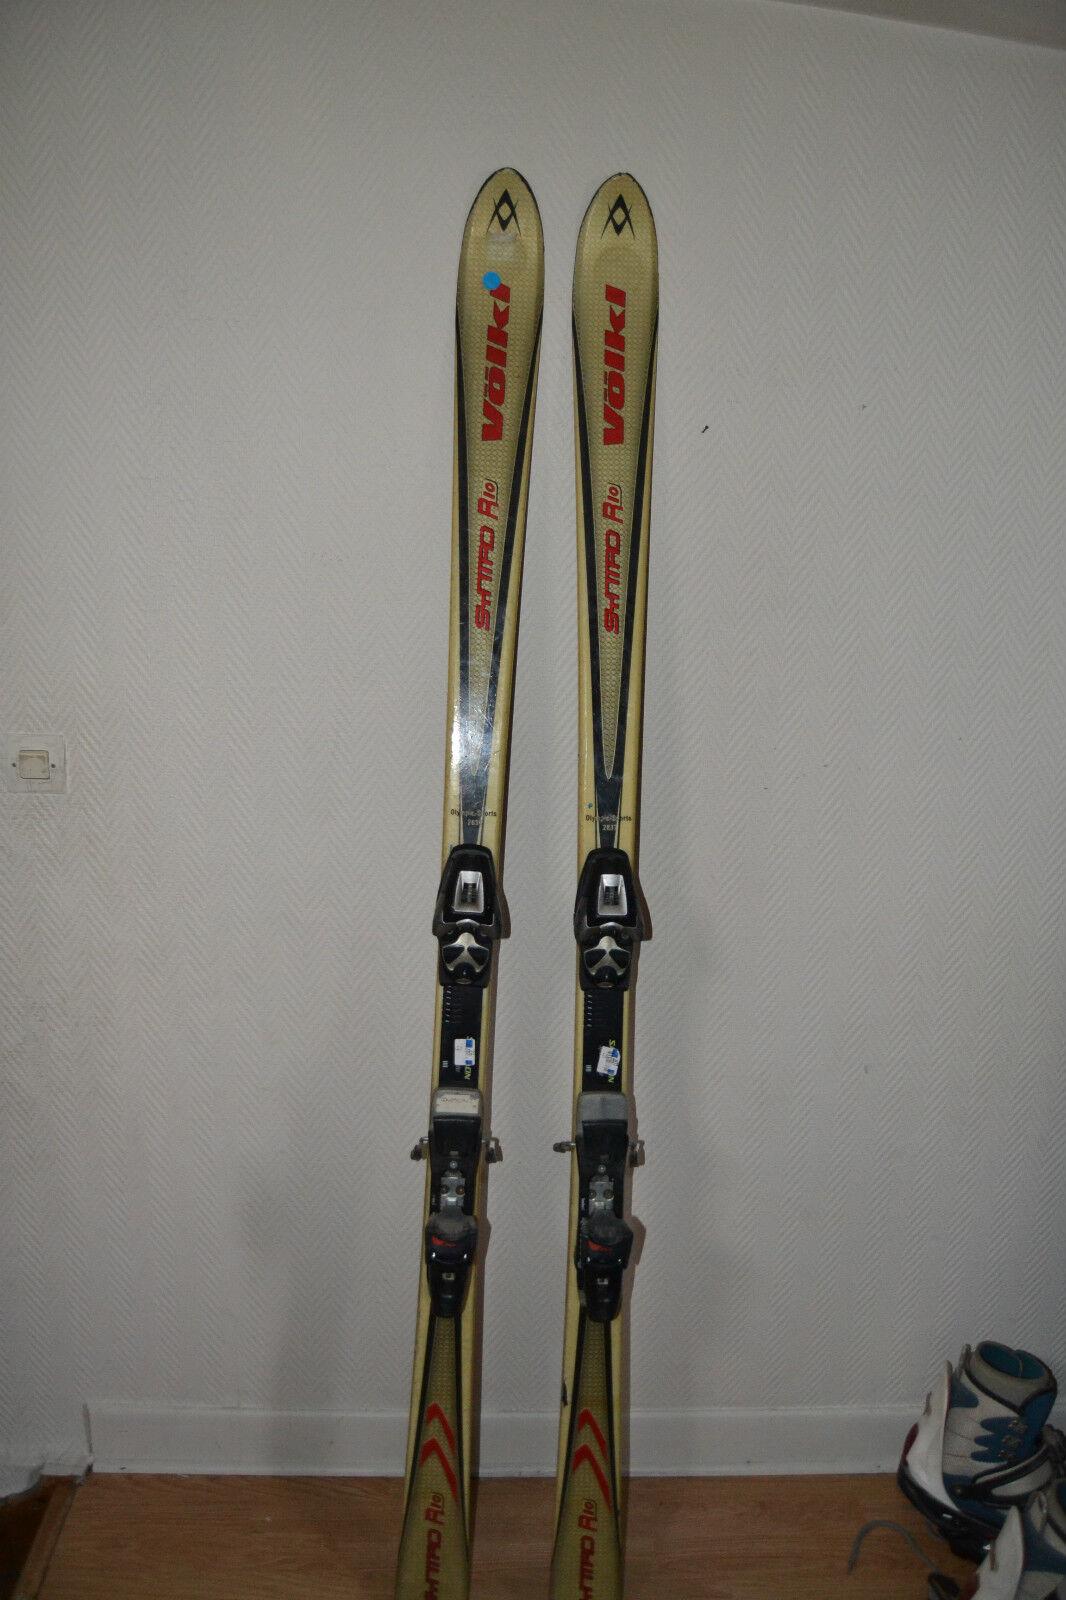 Esquí Volkl Sympro R10 Parabólico Tamaño 180cm + Fijación Salomon S 700 Ski